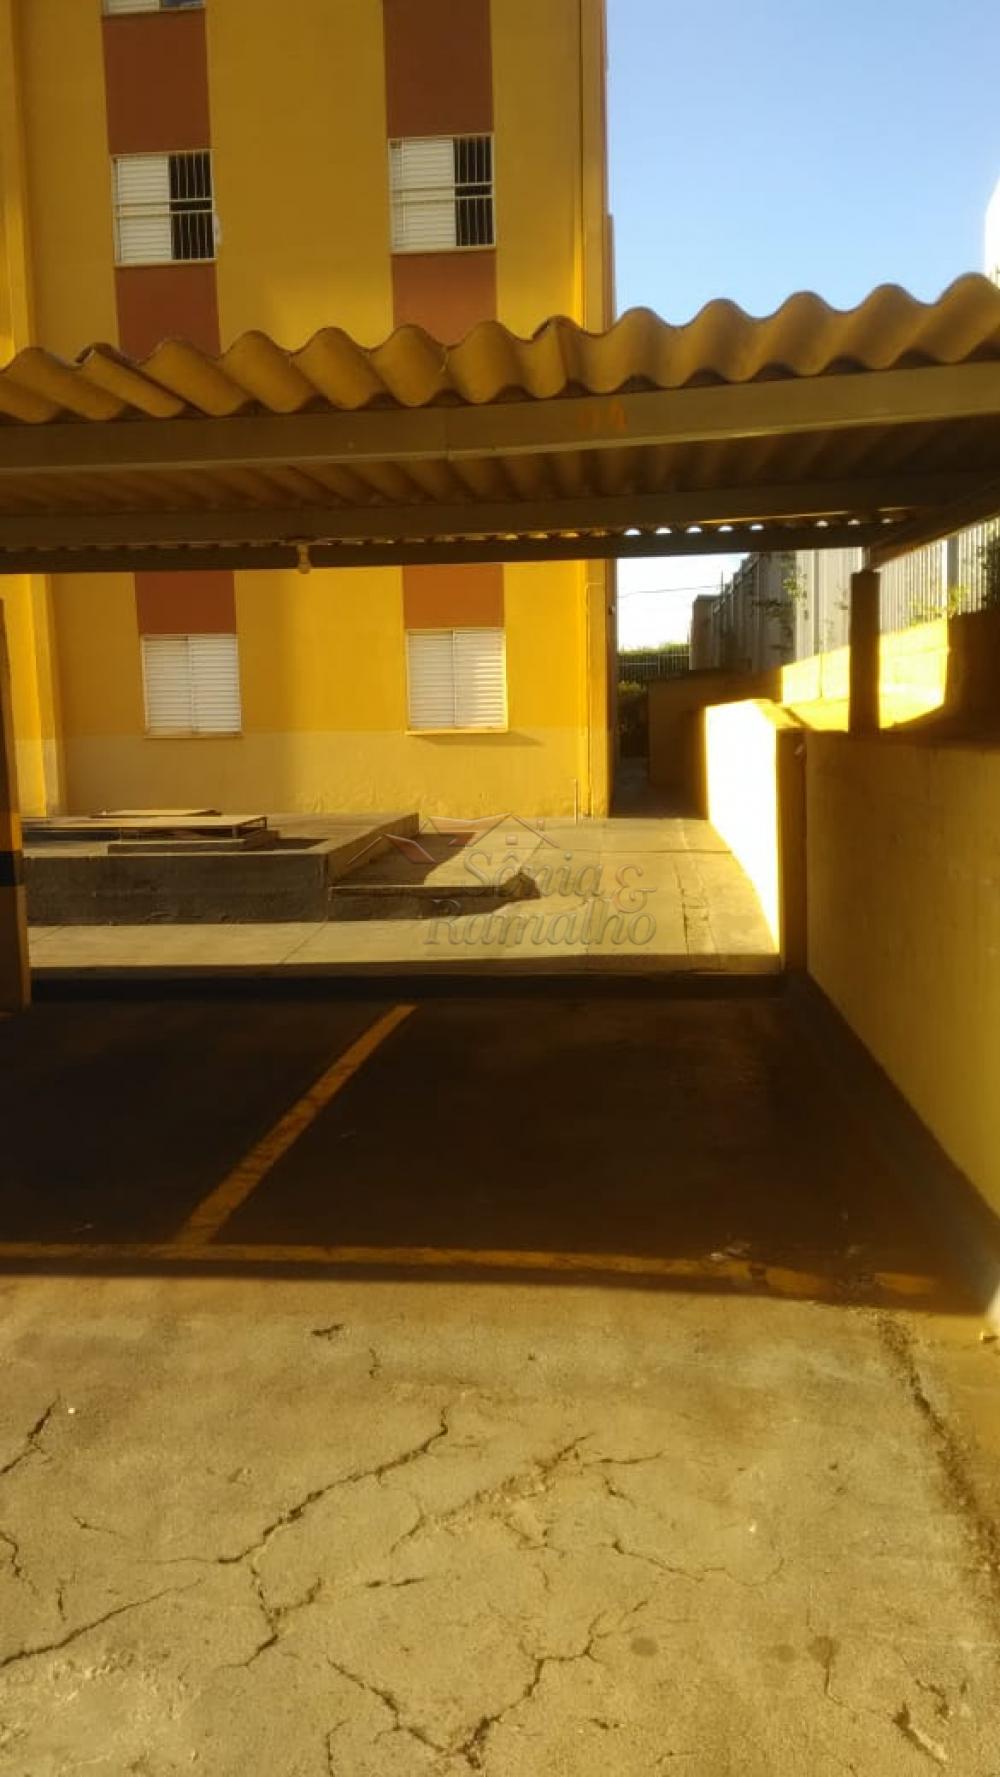 Comprar Apartamentos / Padrão em Ribeirão Preto apenas R$ 110.000,00 - Foto 14